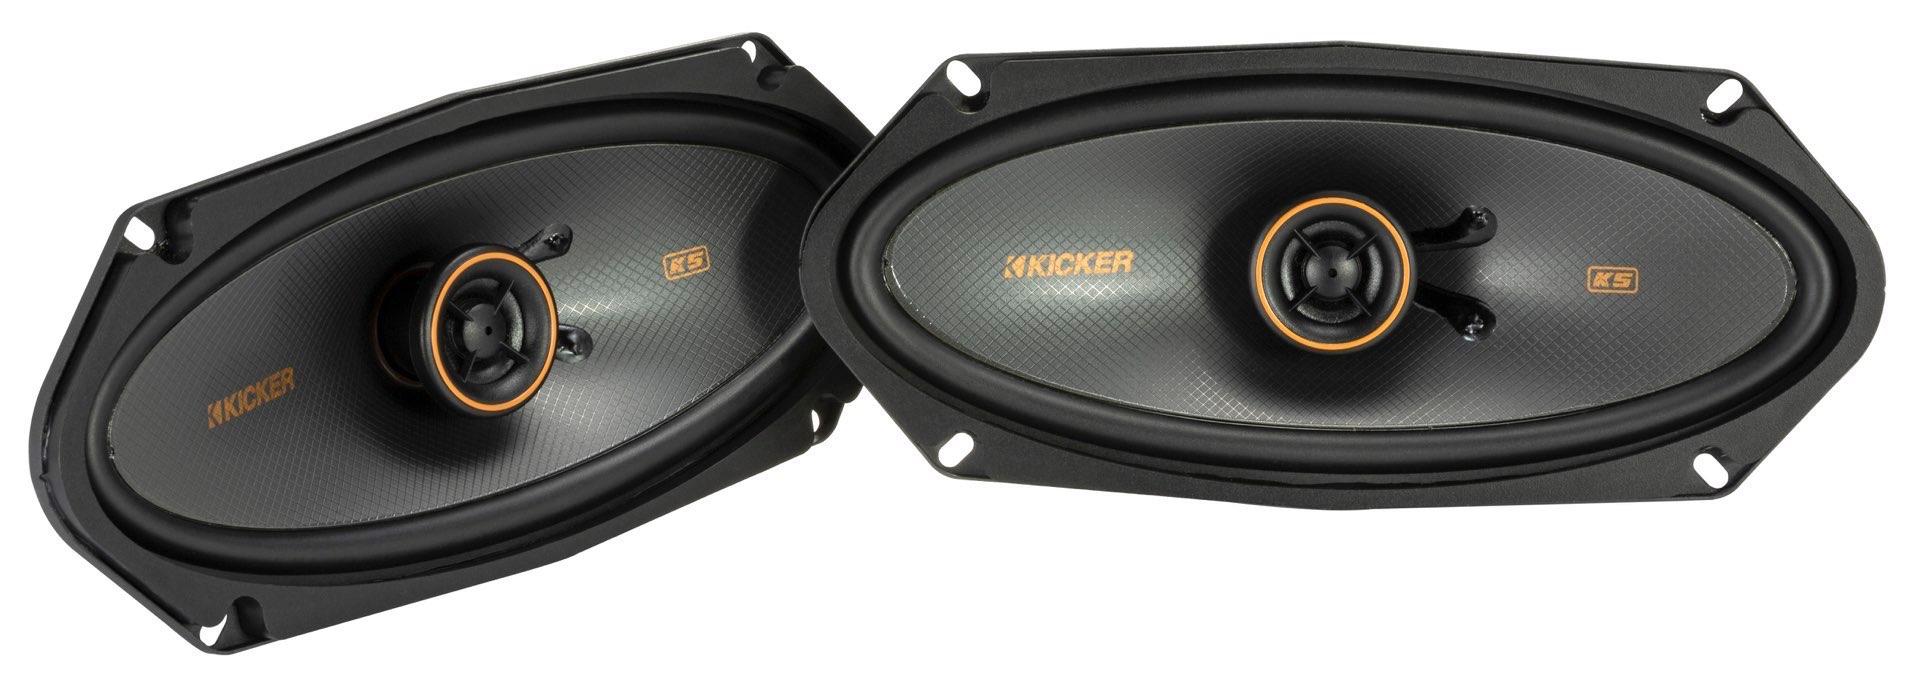 KICKER KSC41004 2 Wege Koax Lautsprecher 10 x 25 cm, 4x10 KSC41004-47 1 Paar KSC4100